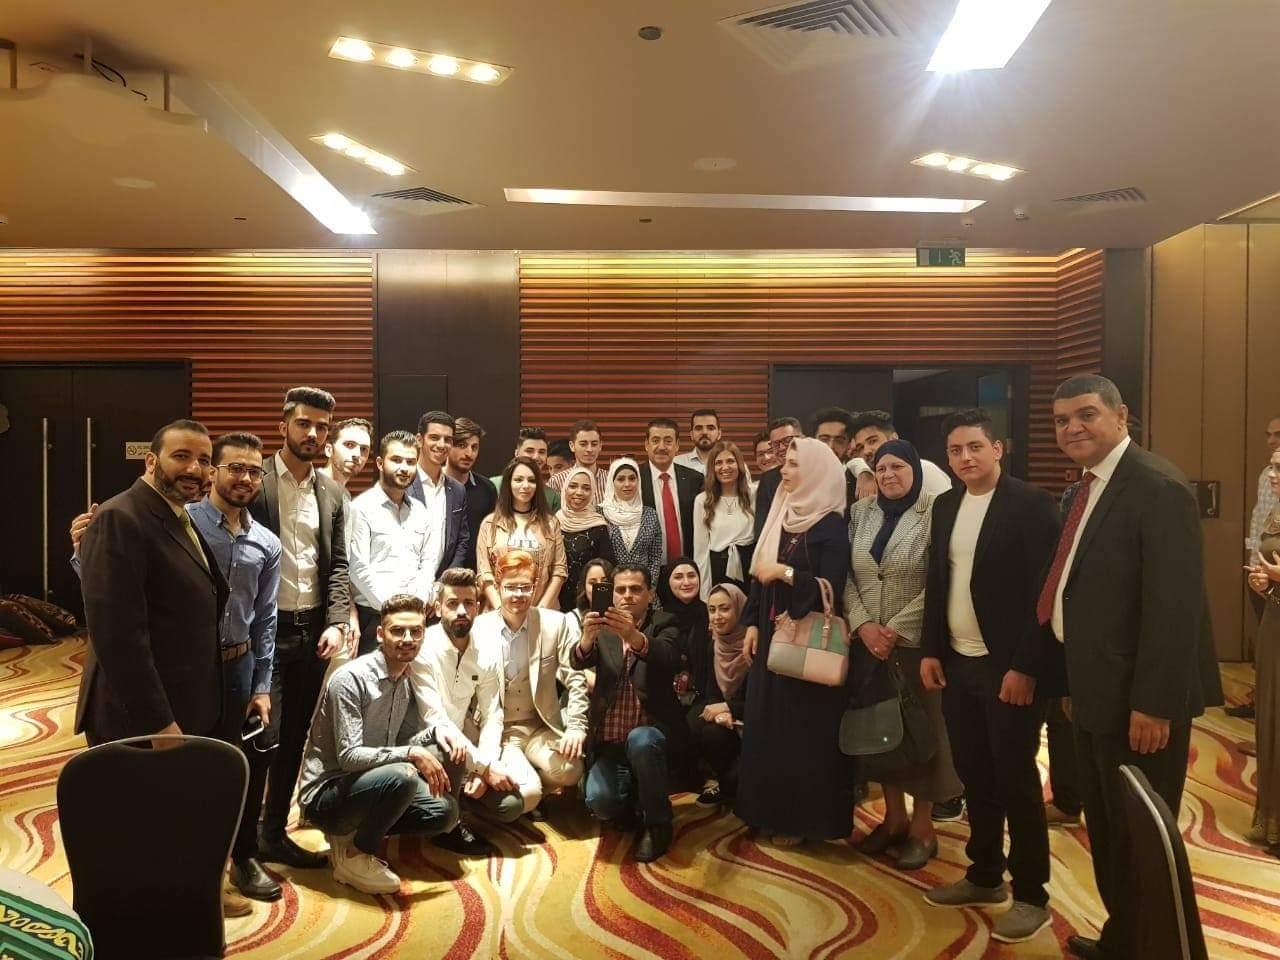 قنصلية فلسطين بالاسكندرية تنظم حفل افطار رمضاني جماعي للجالية